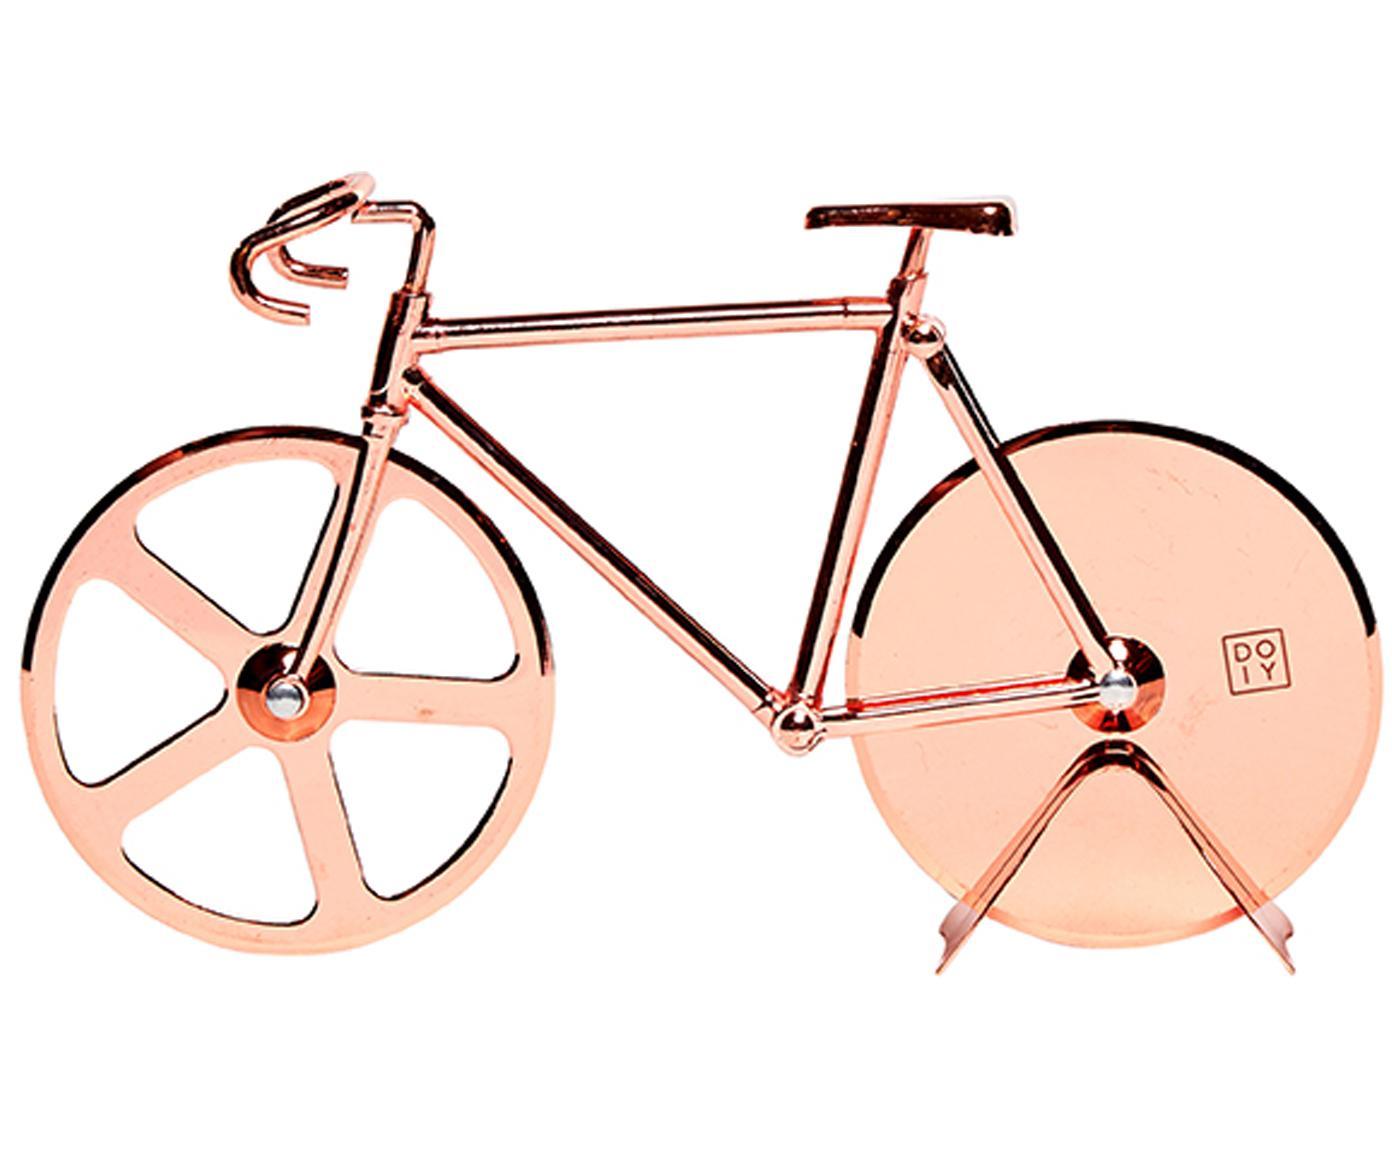 Kupferfarbener Pizzaschneider Velo im Fahrraddesign aus Edelstahl, Edelstahl, beschichtet, Kupferfarben, 23 x 13 cm